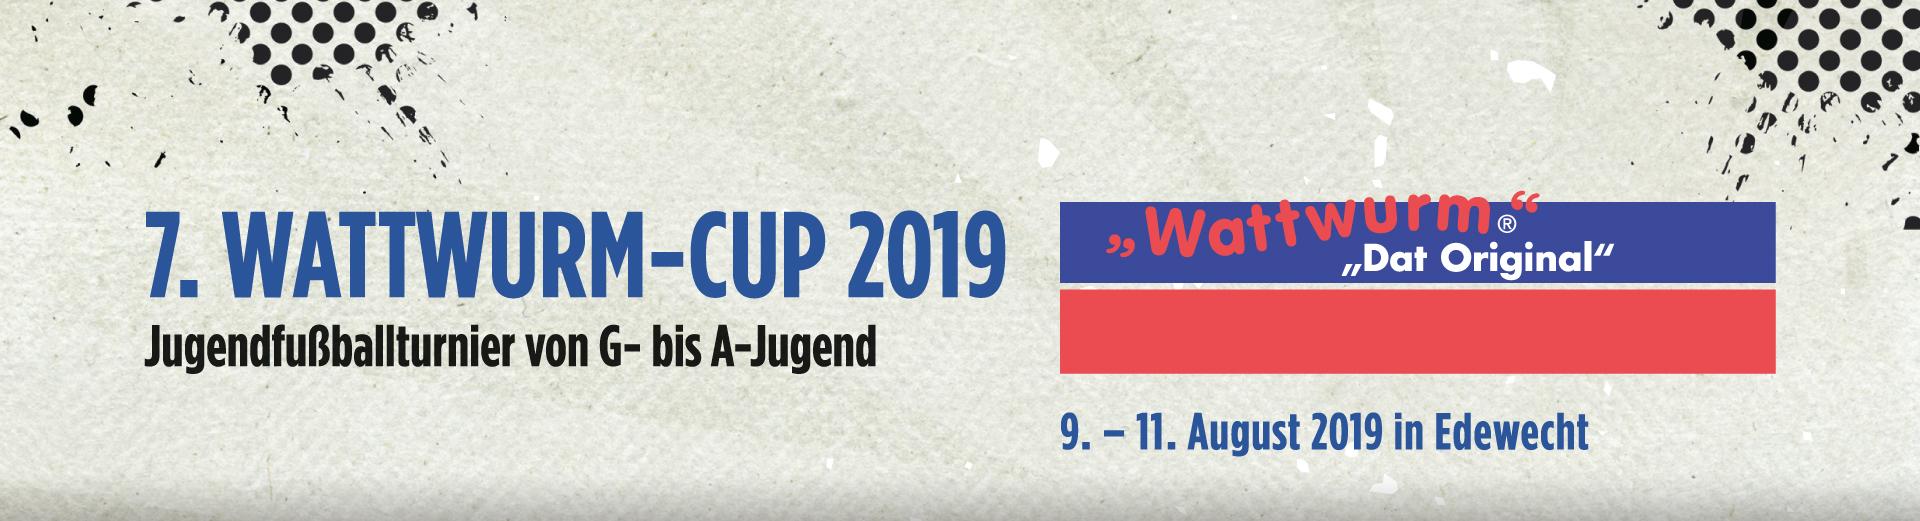 Wattwurmcup 2019 in Edewecht